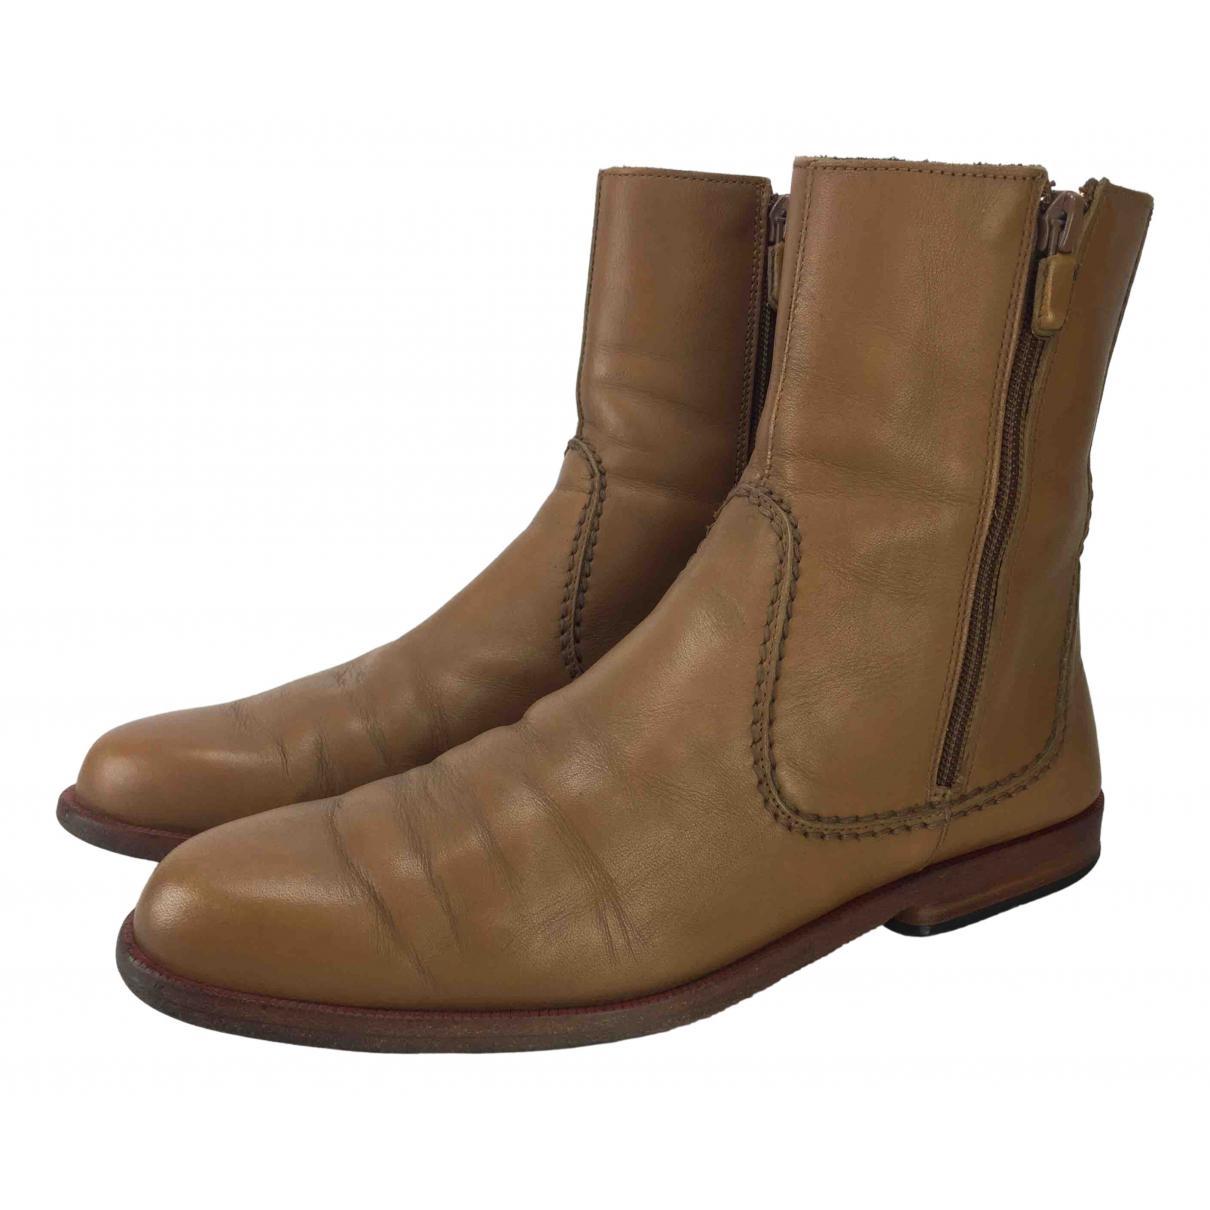 Botas altas de Cuero Hogan